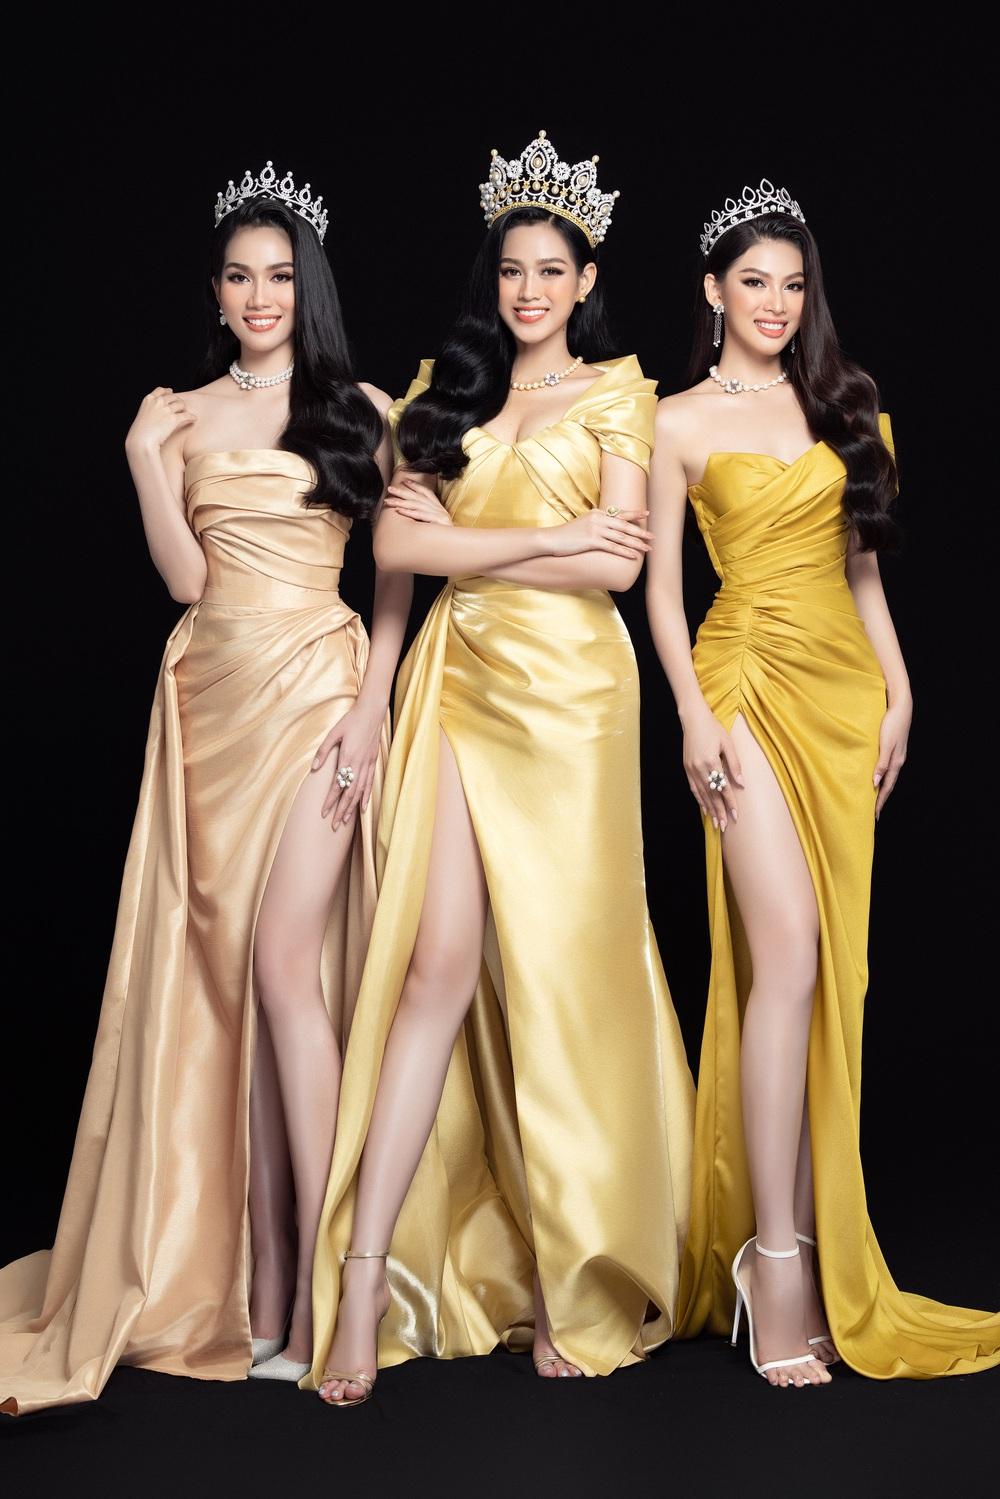 Hoa hậu Đỗ Thị Hà đọ sắc bên hai Á hậu sau 1 tháng đăng quang - Ảnh 2.